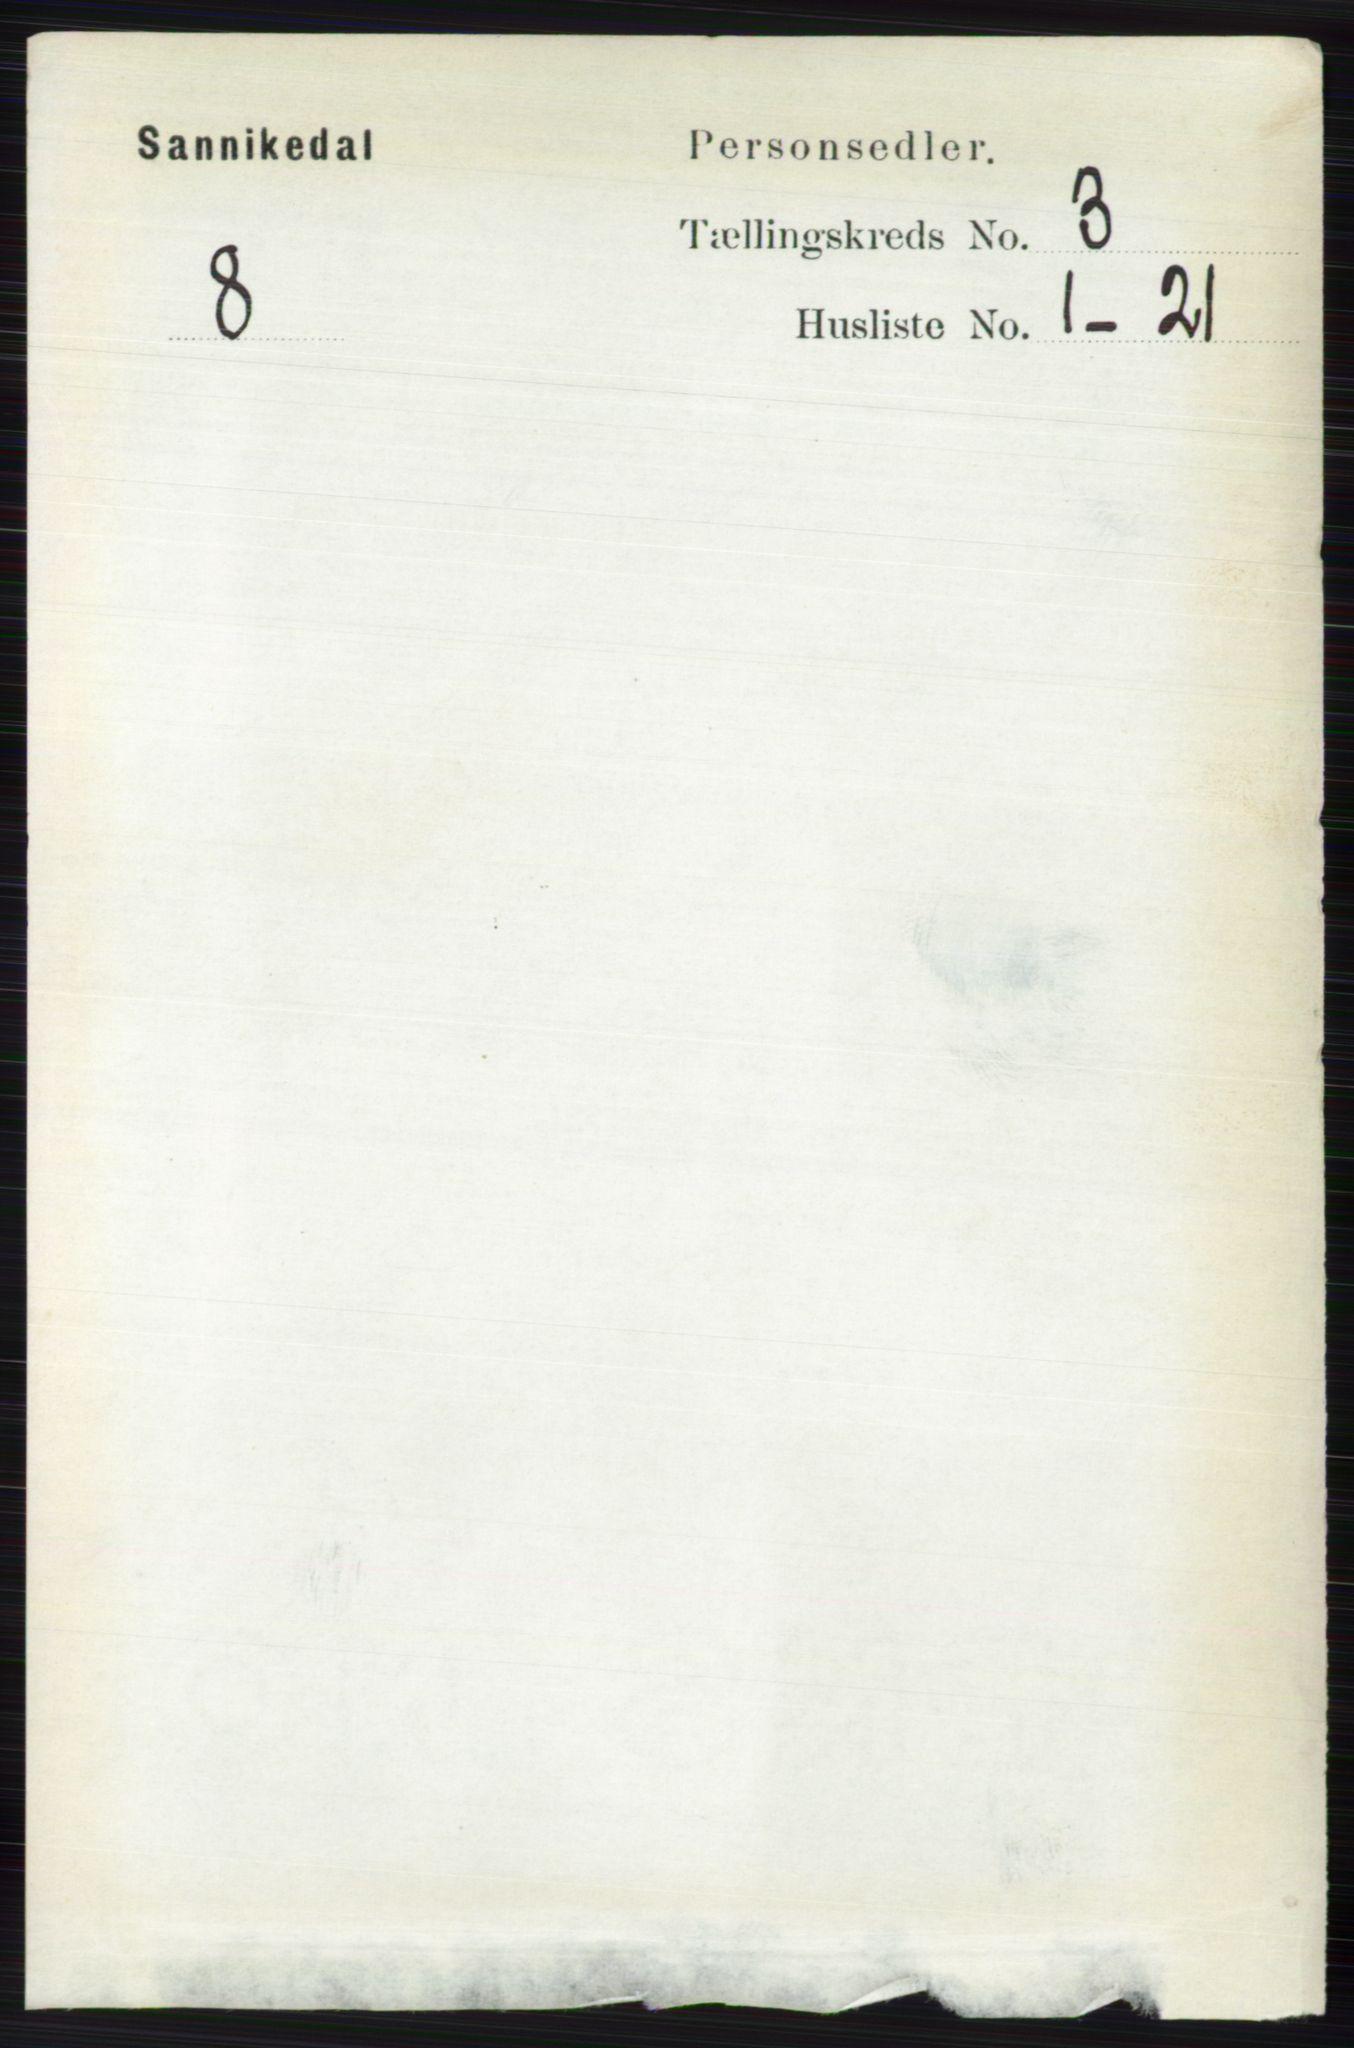 RA, Folketelling 1891 for 0816 Sannidal herred, 1891, s. 791